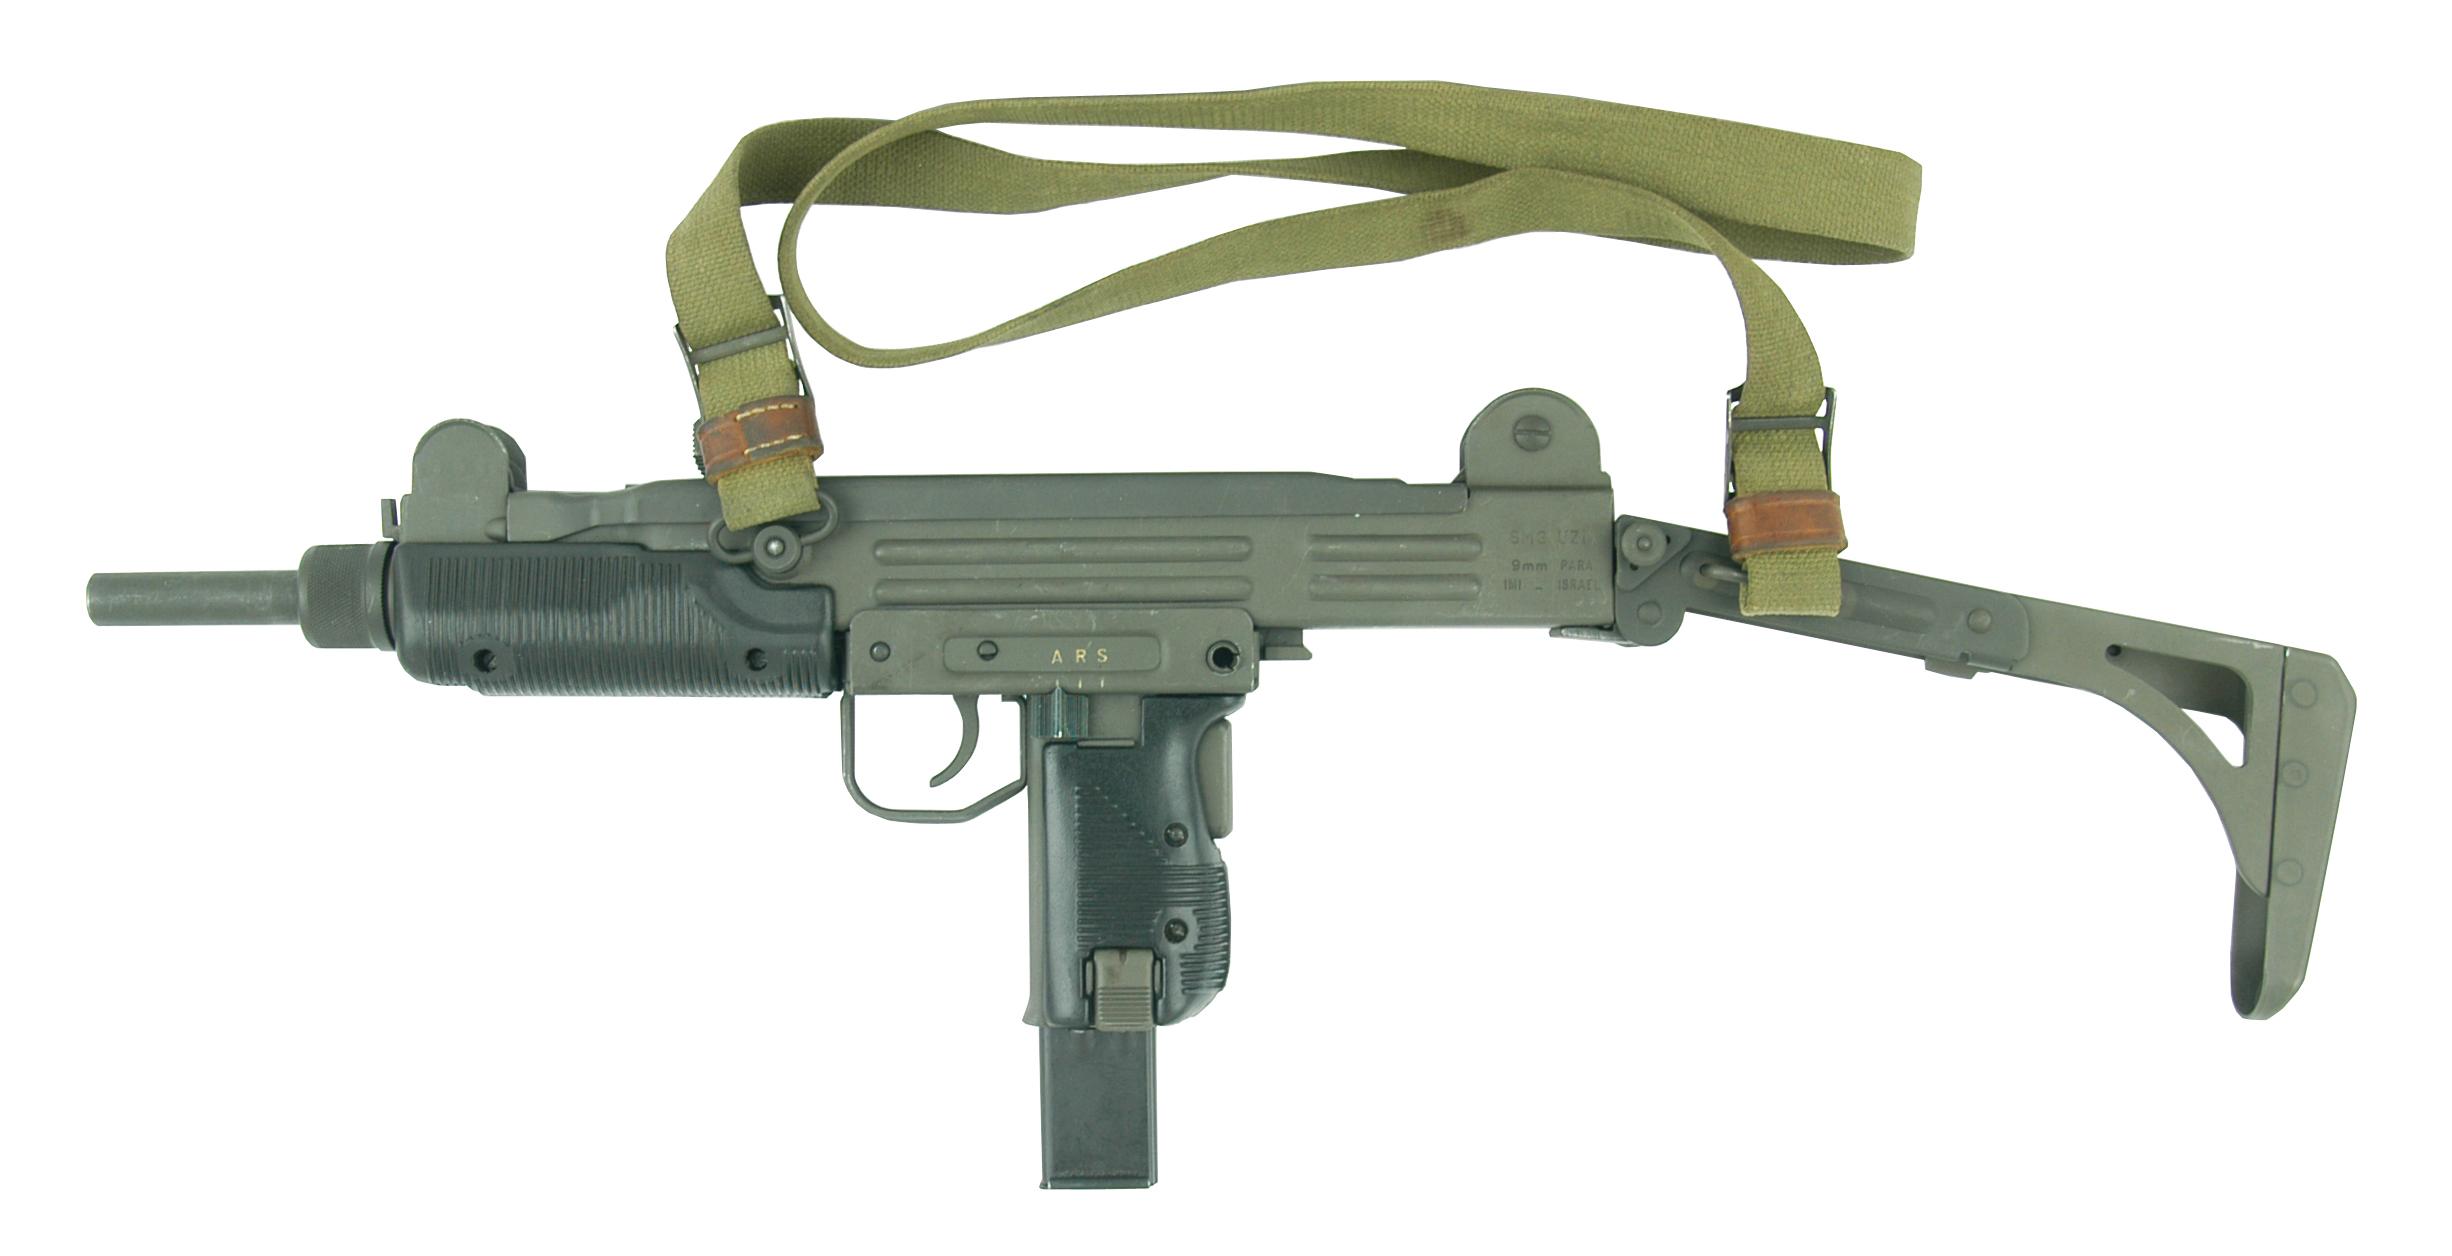 Автомати (PDW) - Page 4 Guns_weapons_uzi_gun_desktop_2452x1256_hd-wallpaper-624640